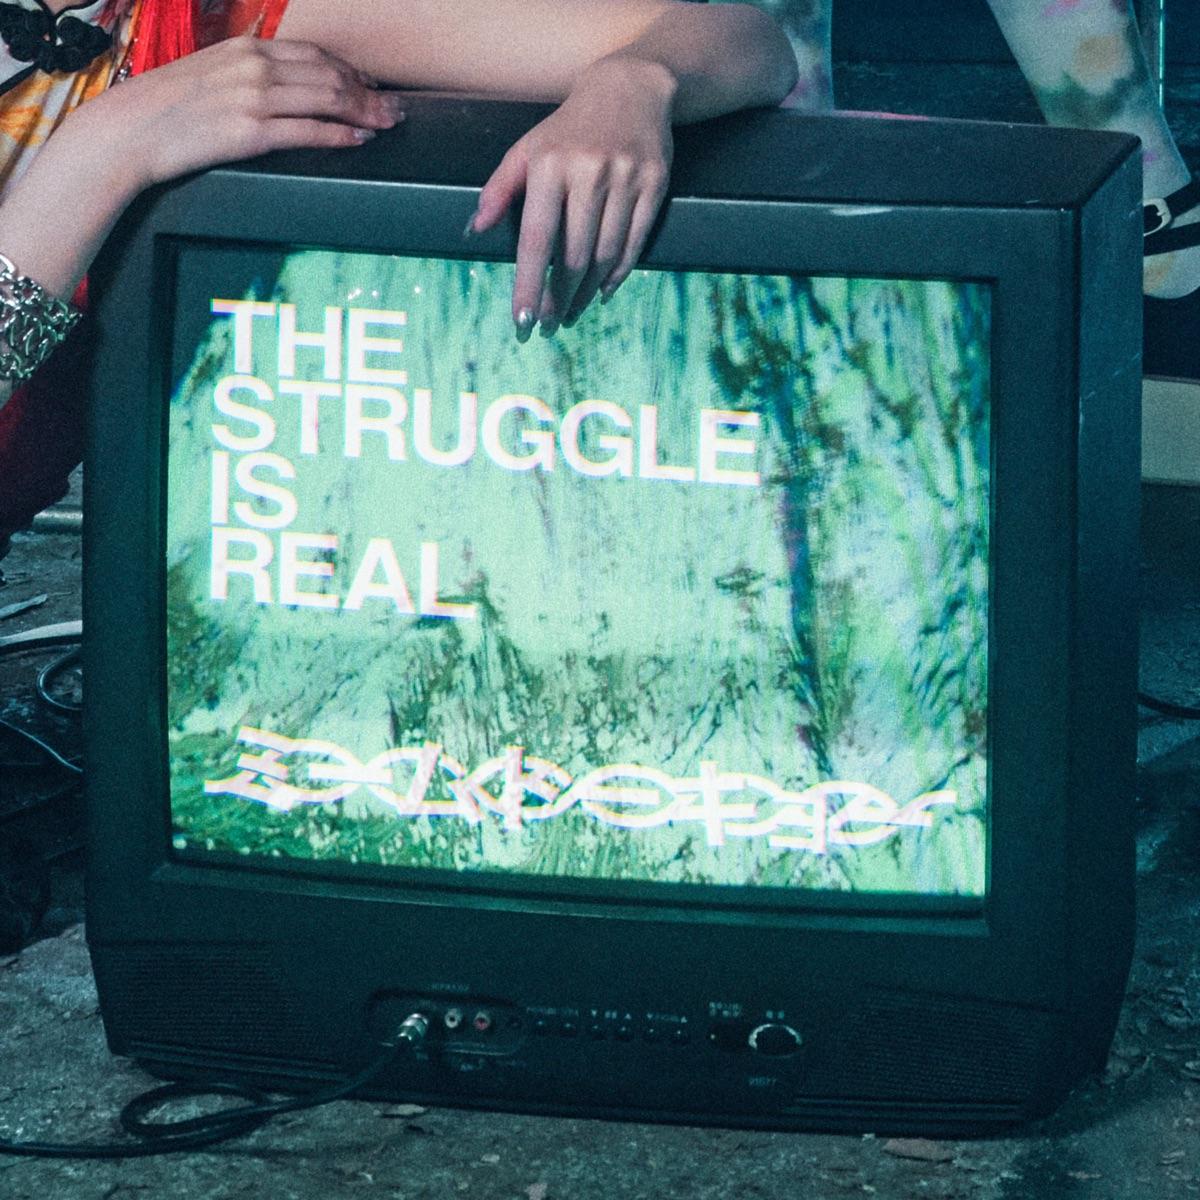 『ミームトーキョー - THE STRUGGLE IS REAL』収録の『THE STRUGGLE IS REAL』ジャケット